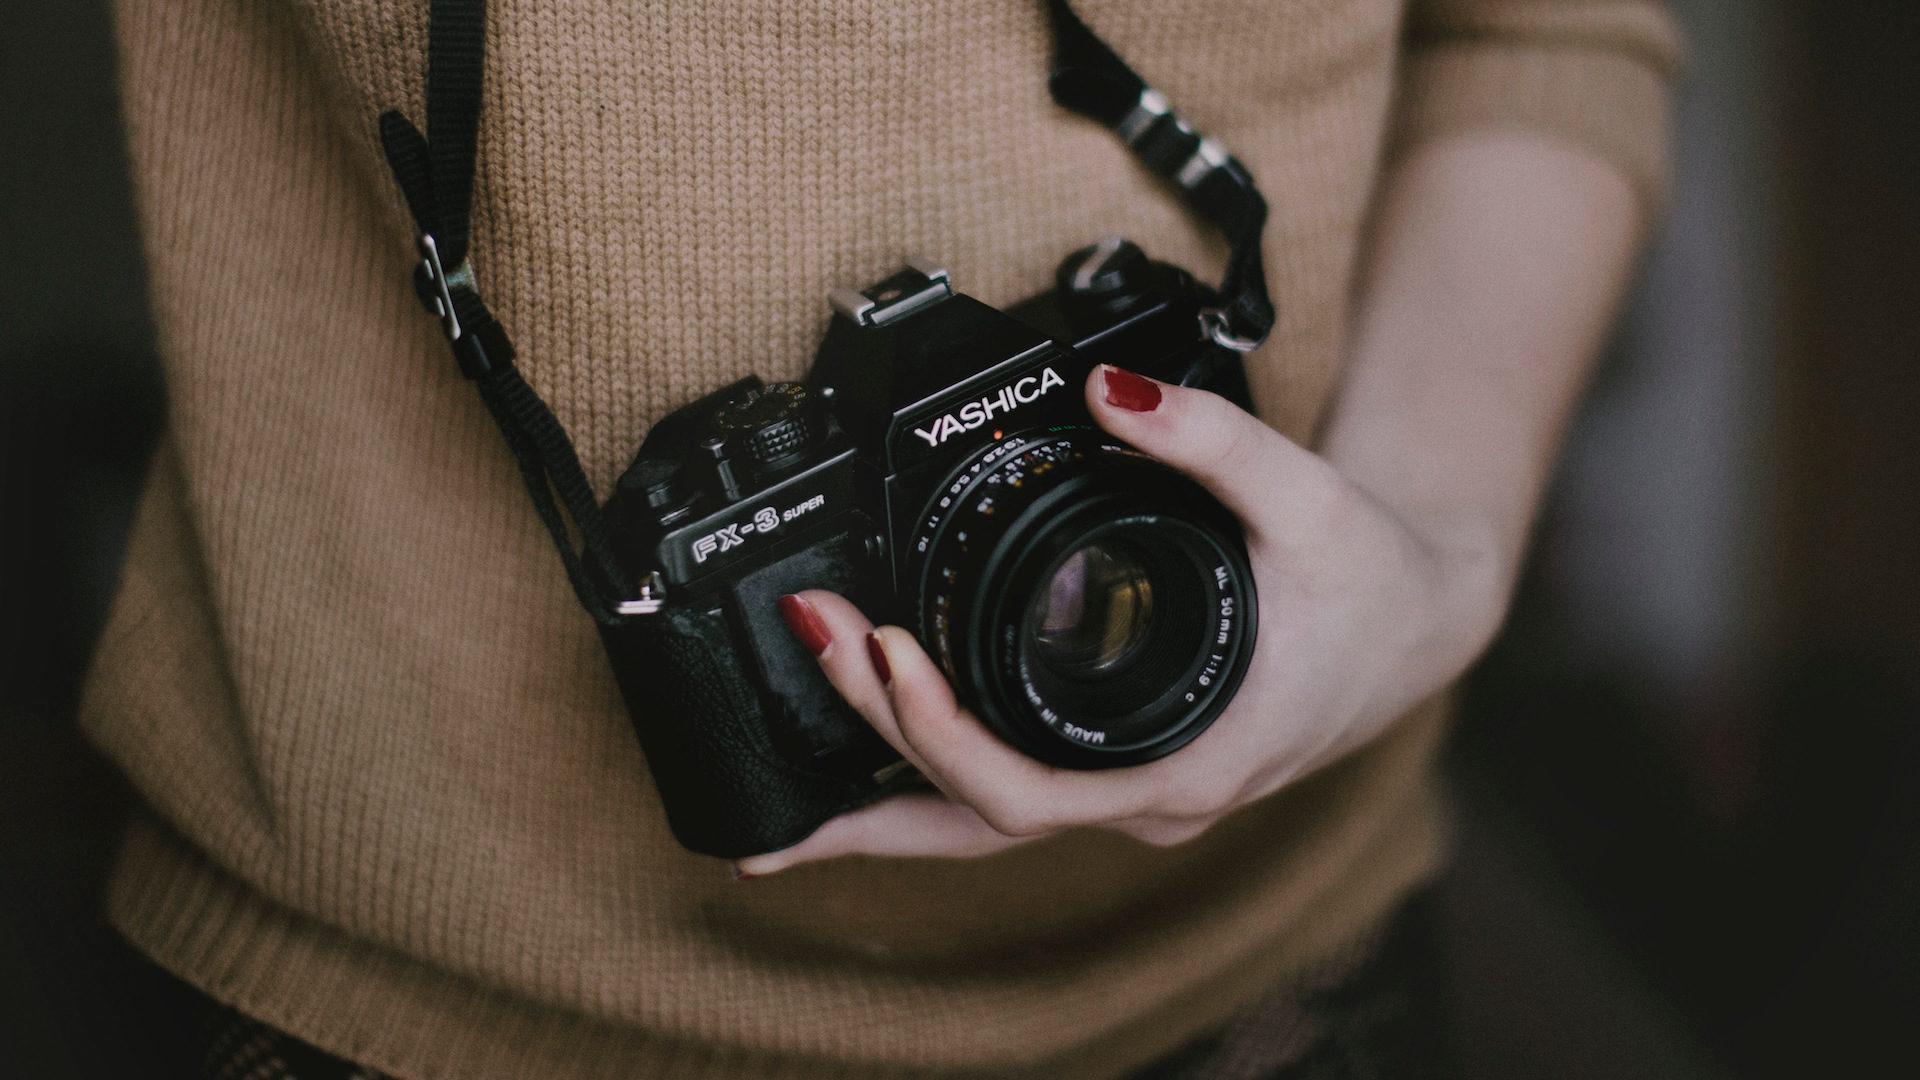 appareil photo, femme, mains, photographie, Vintage - Fonds d'écran HD - Professor-falken.com